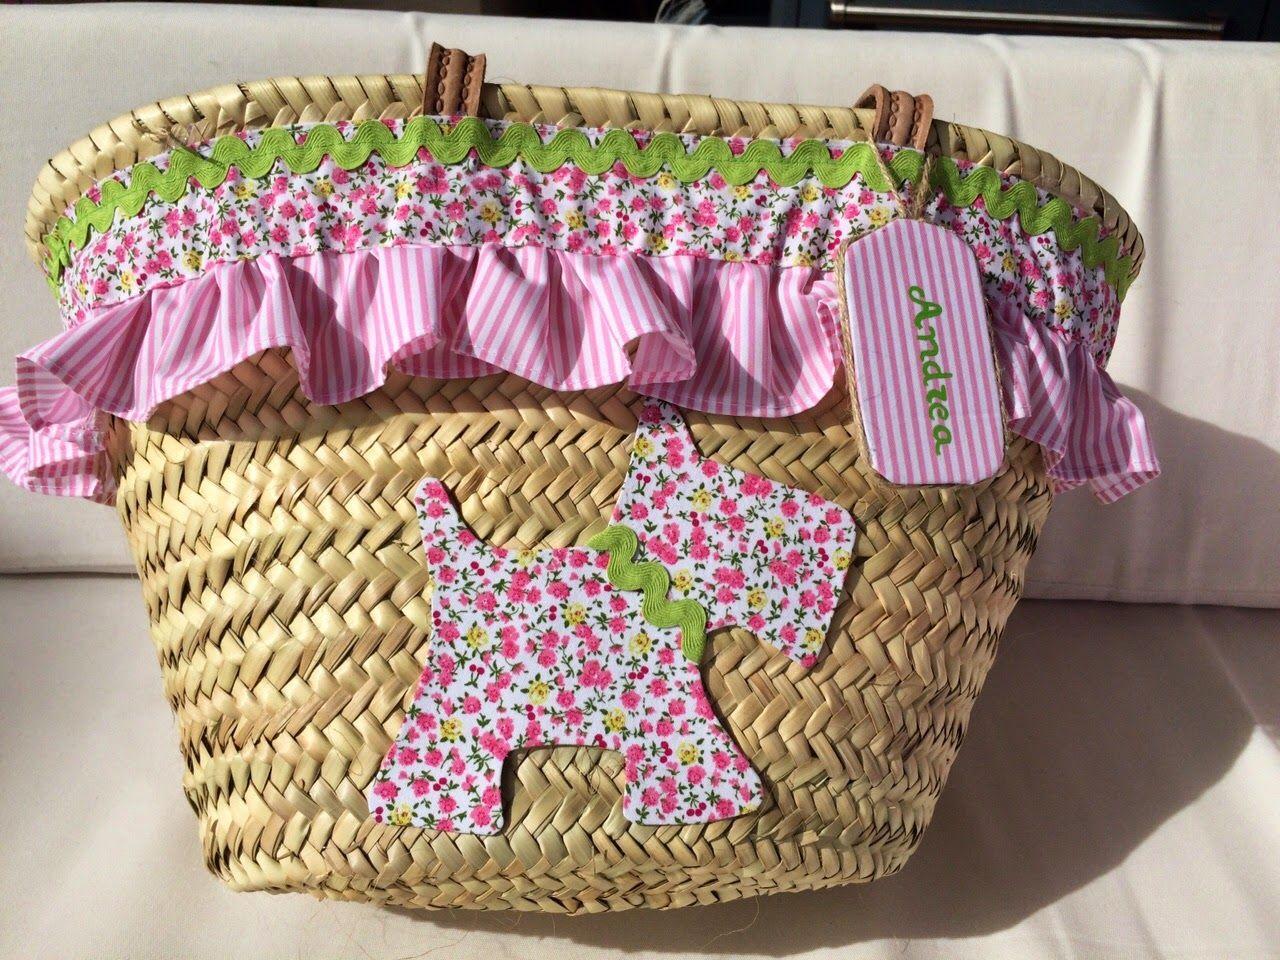 Con p de p cestos de mimbre pinterest cestas modelo - Capazos de mimbre decorados ...